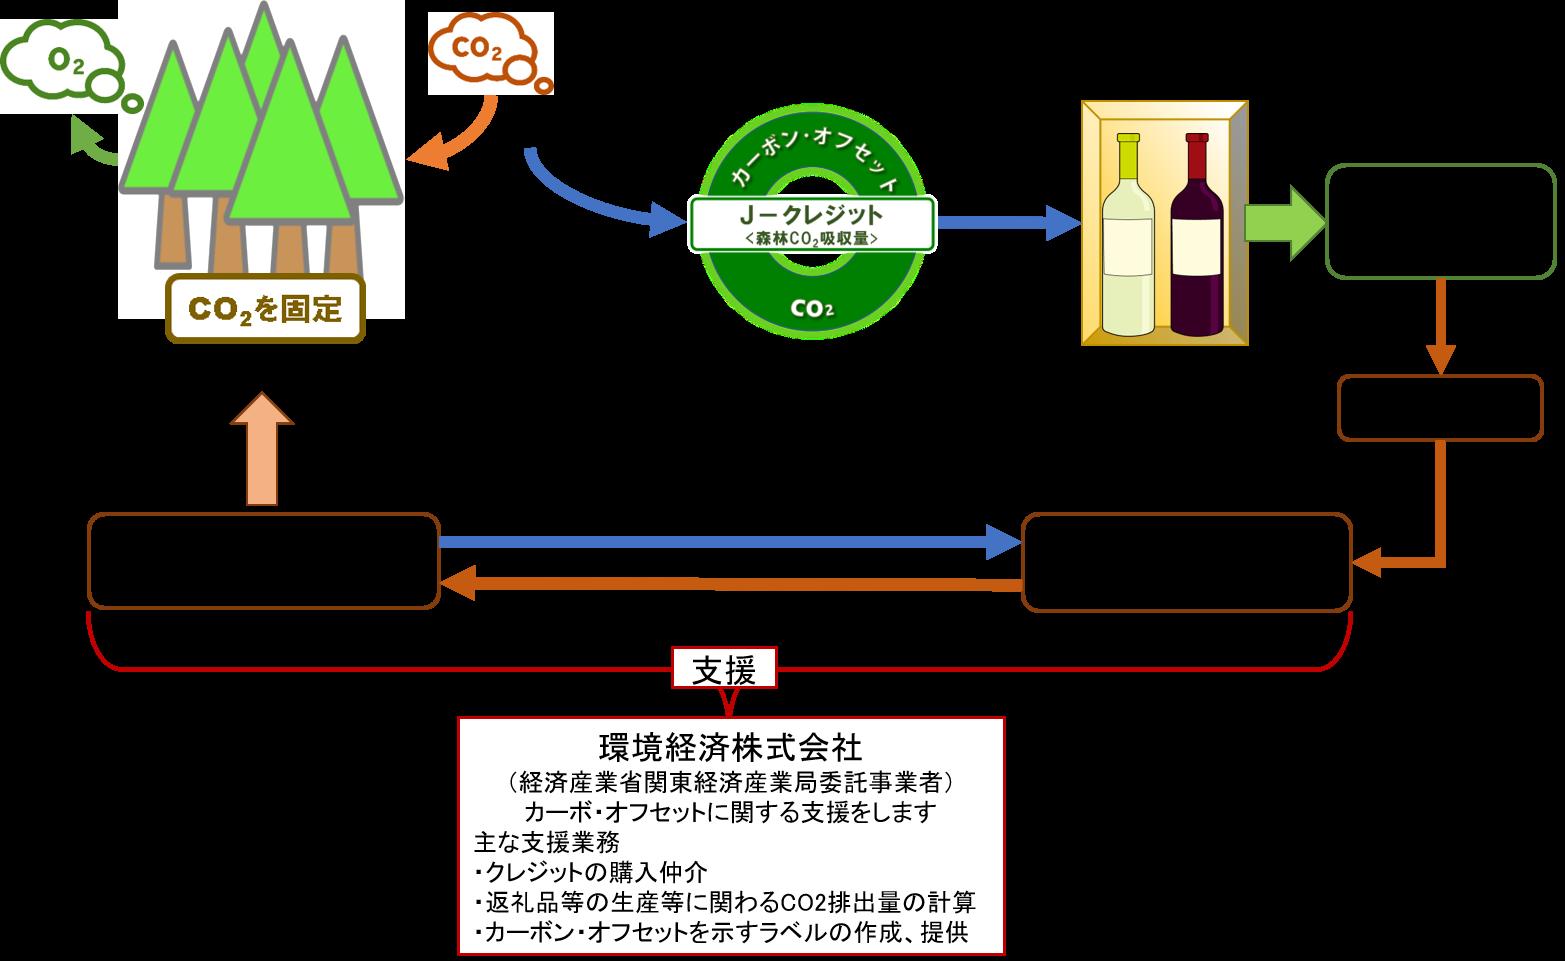 長野県「ふるさと納税」返礼品のカーボン・オフセット | 環境経済株式会社